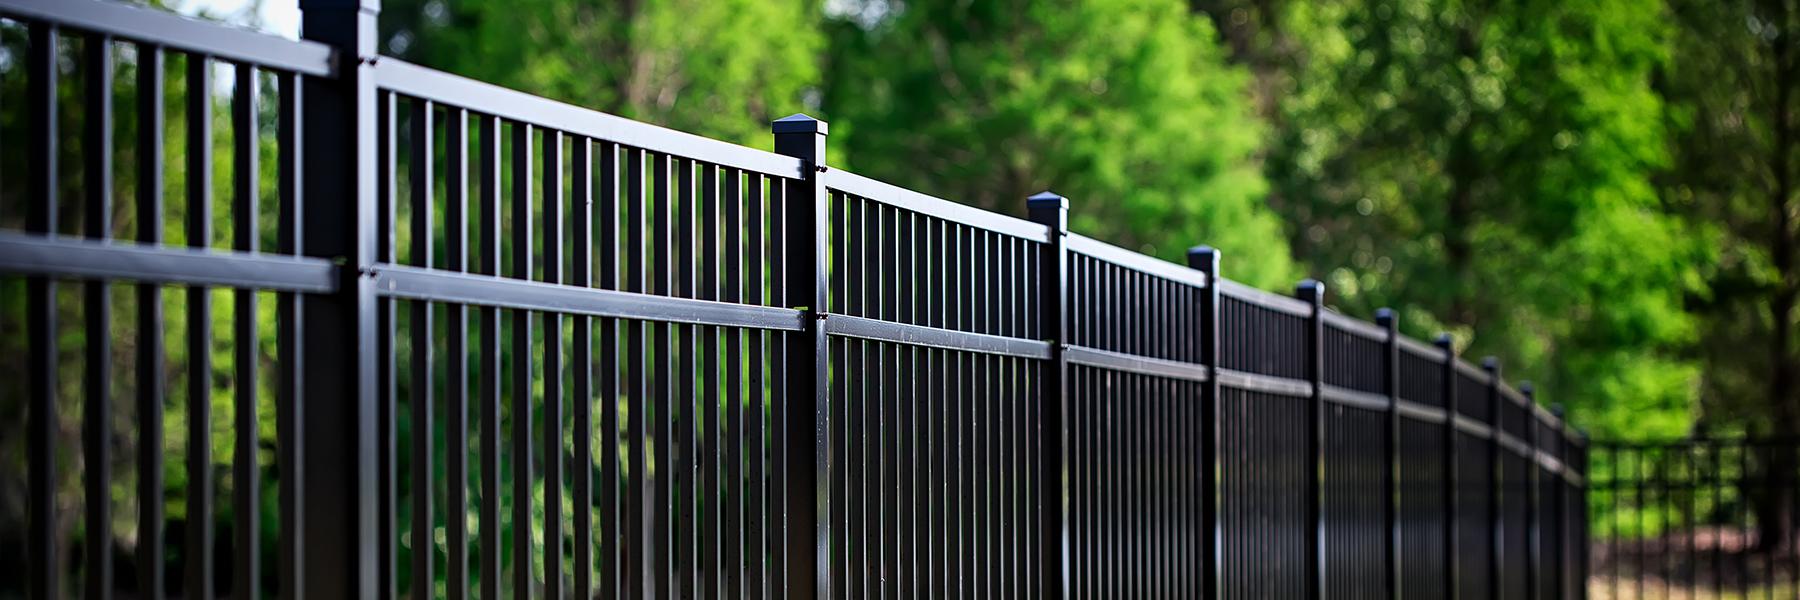 Fencing Questions